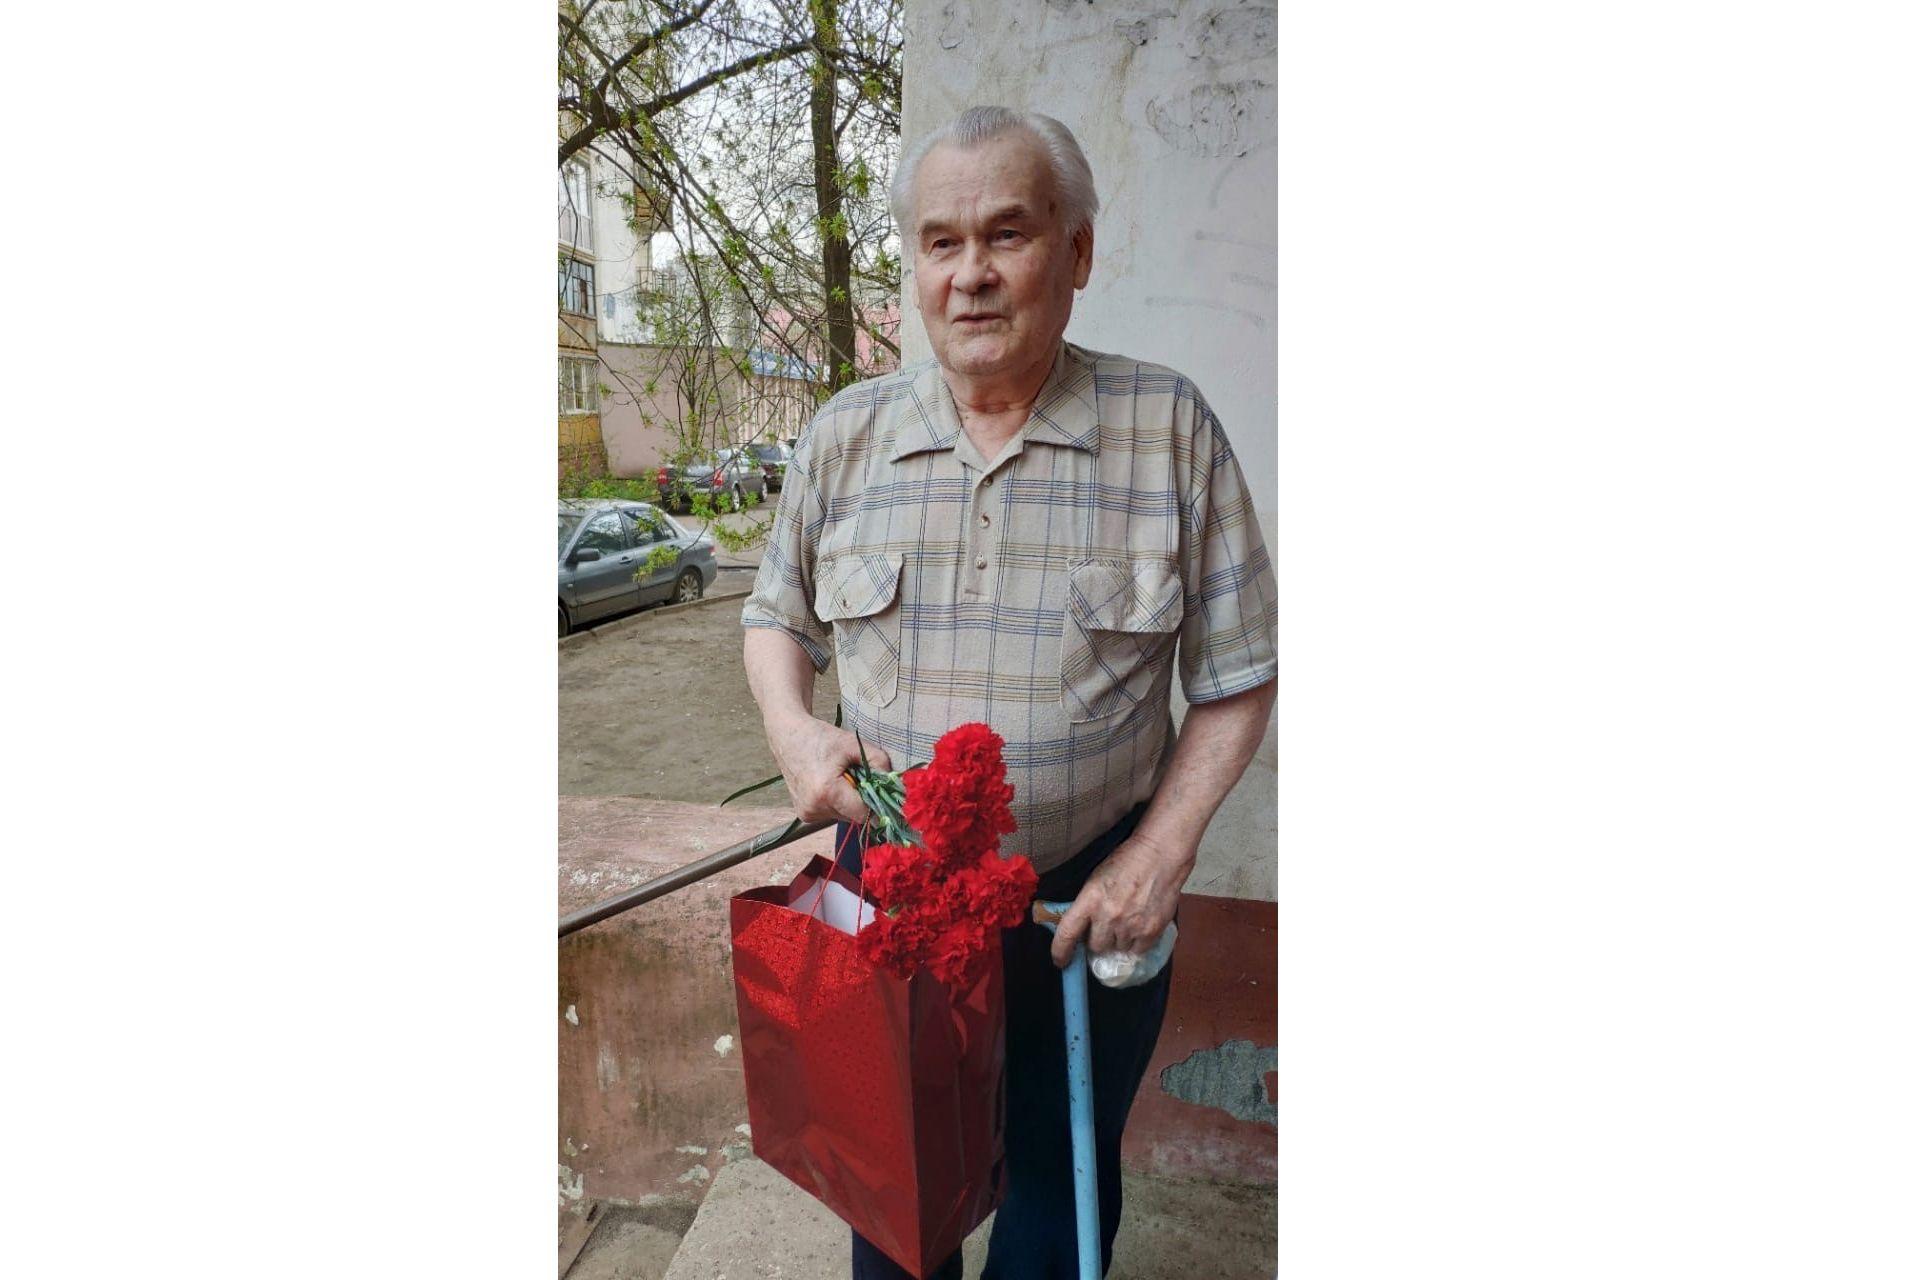 Ярославские волонтеры поздравили ветерана Великой Отечественной войны с наступающим Днем Победы